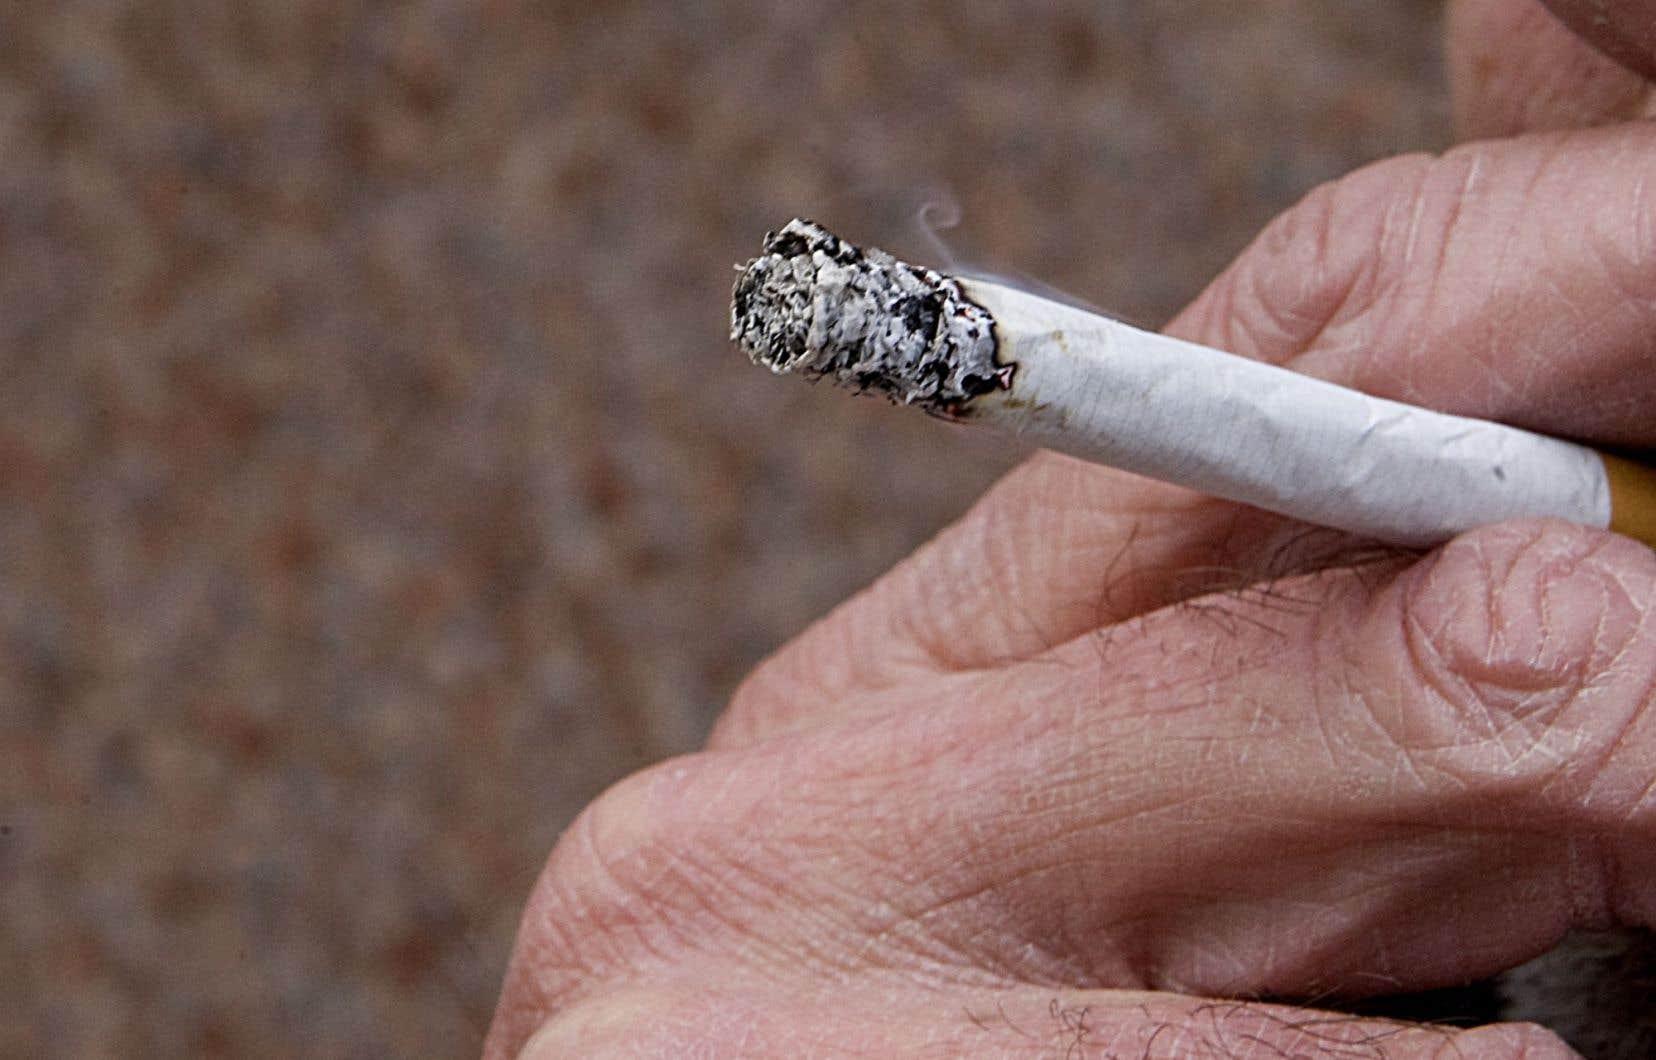 Le premier recours a été intenté au nom des victimes du cancer du poumon, du larynx, de la gorge et d'emphysème causé par la cigarette et le second pour les personnes dépendantes de la nicotine contenue dans les cigarettes.